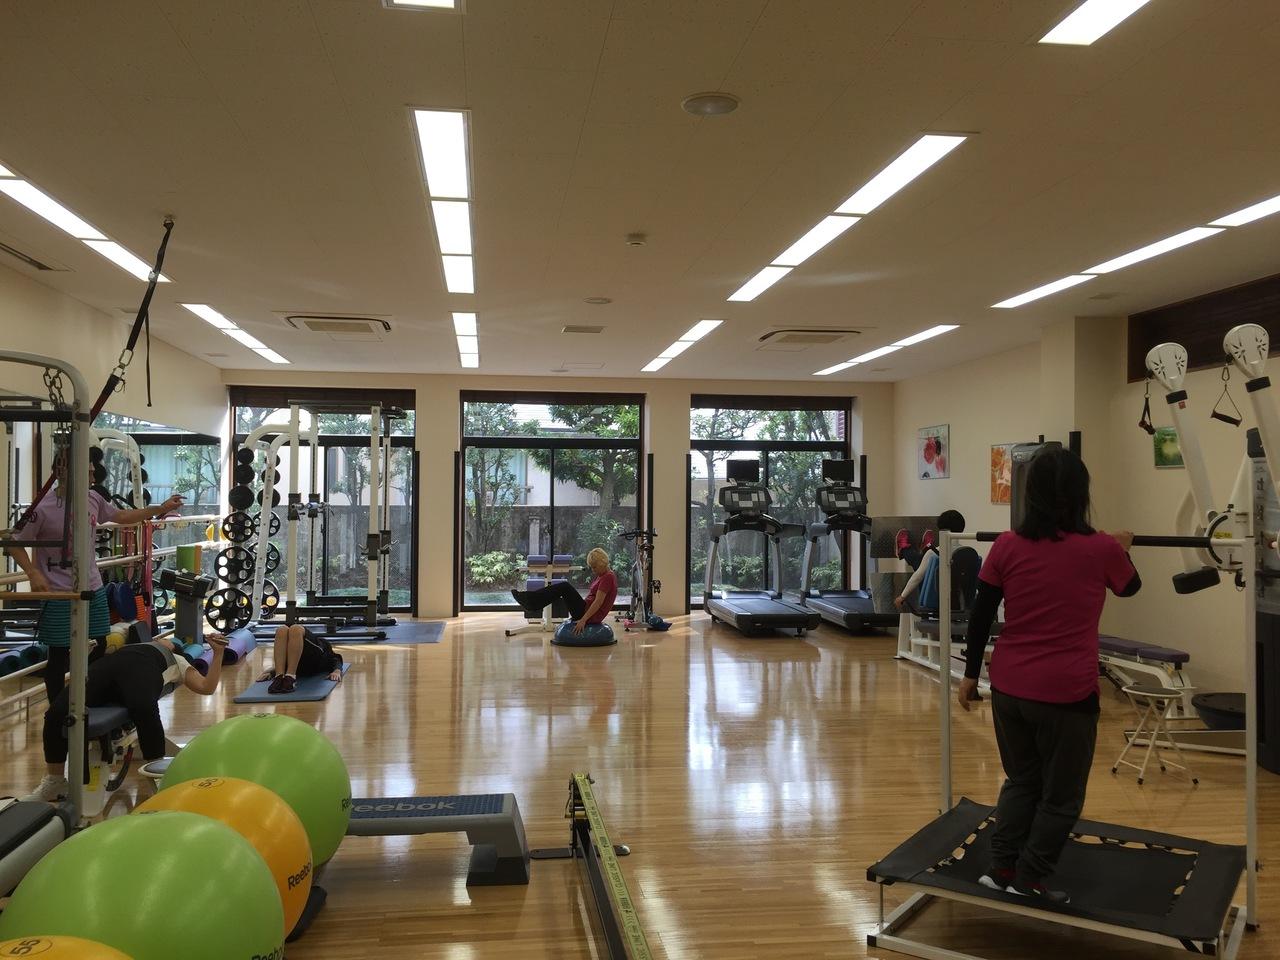 入門キャンサーフィットネス教室(運動初心者向け)3月4日(月)13:00〜14:00